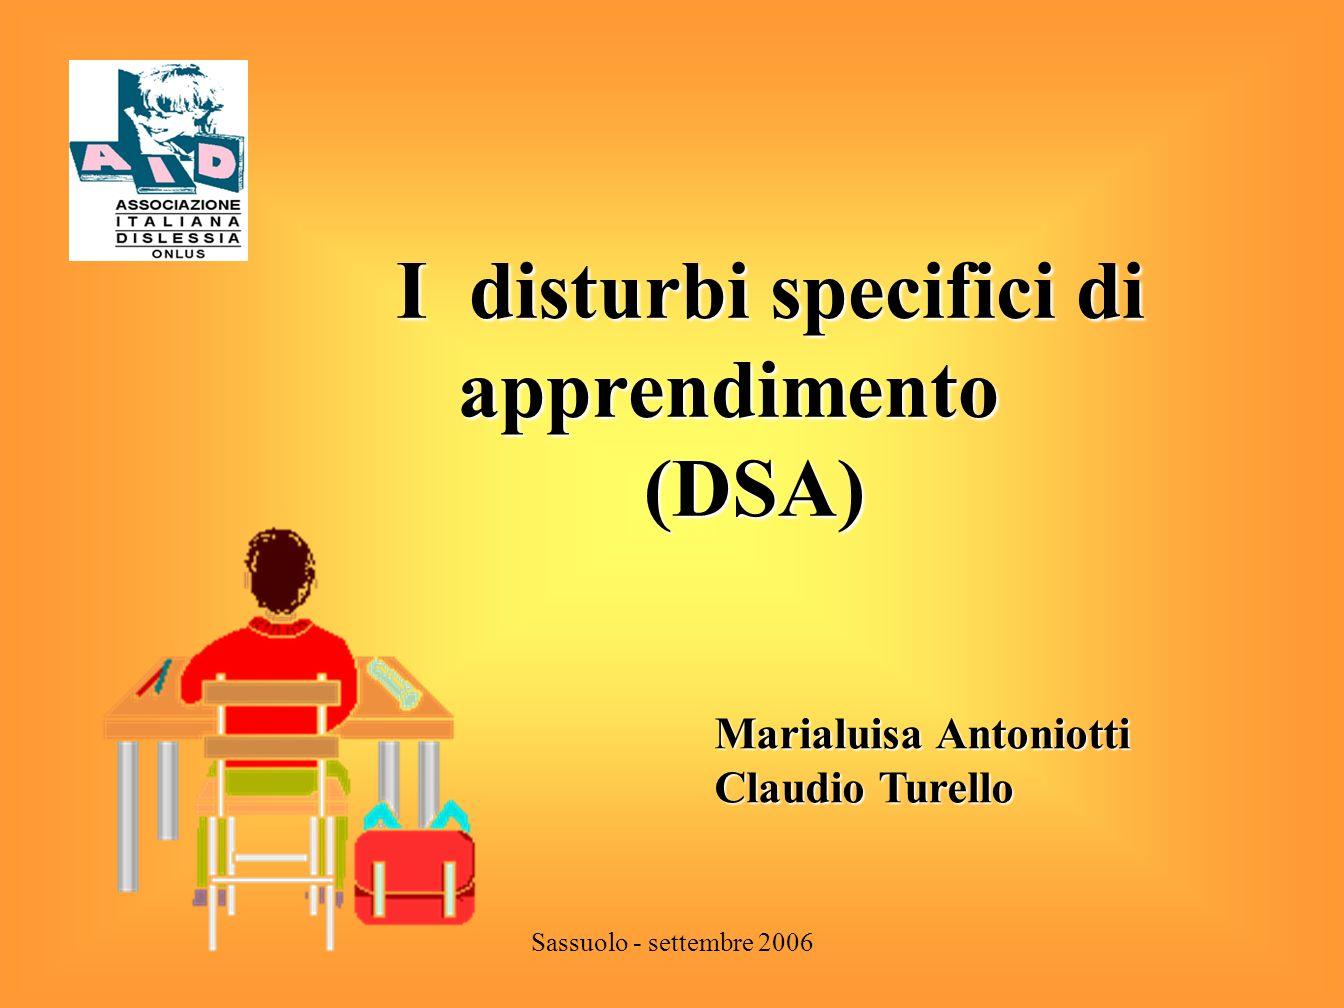 I disturbi specifici di apprendimento (DSA)